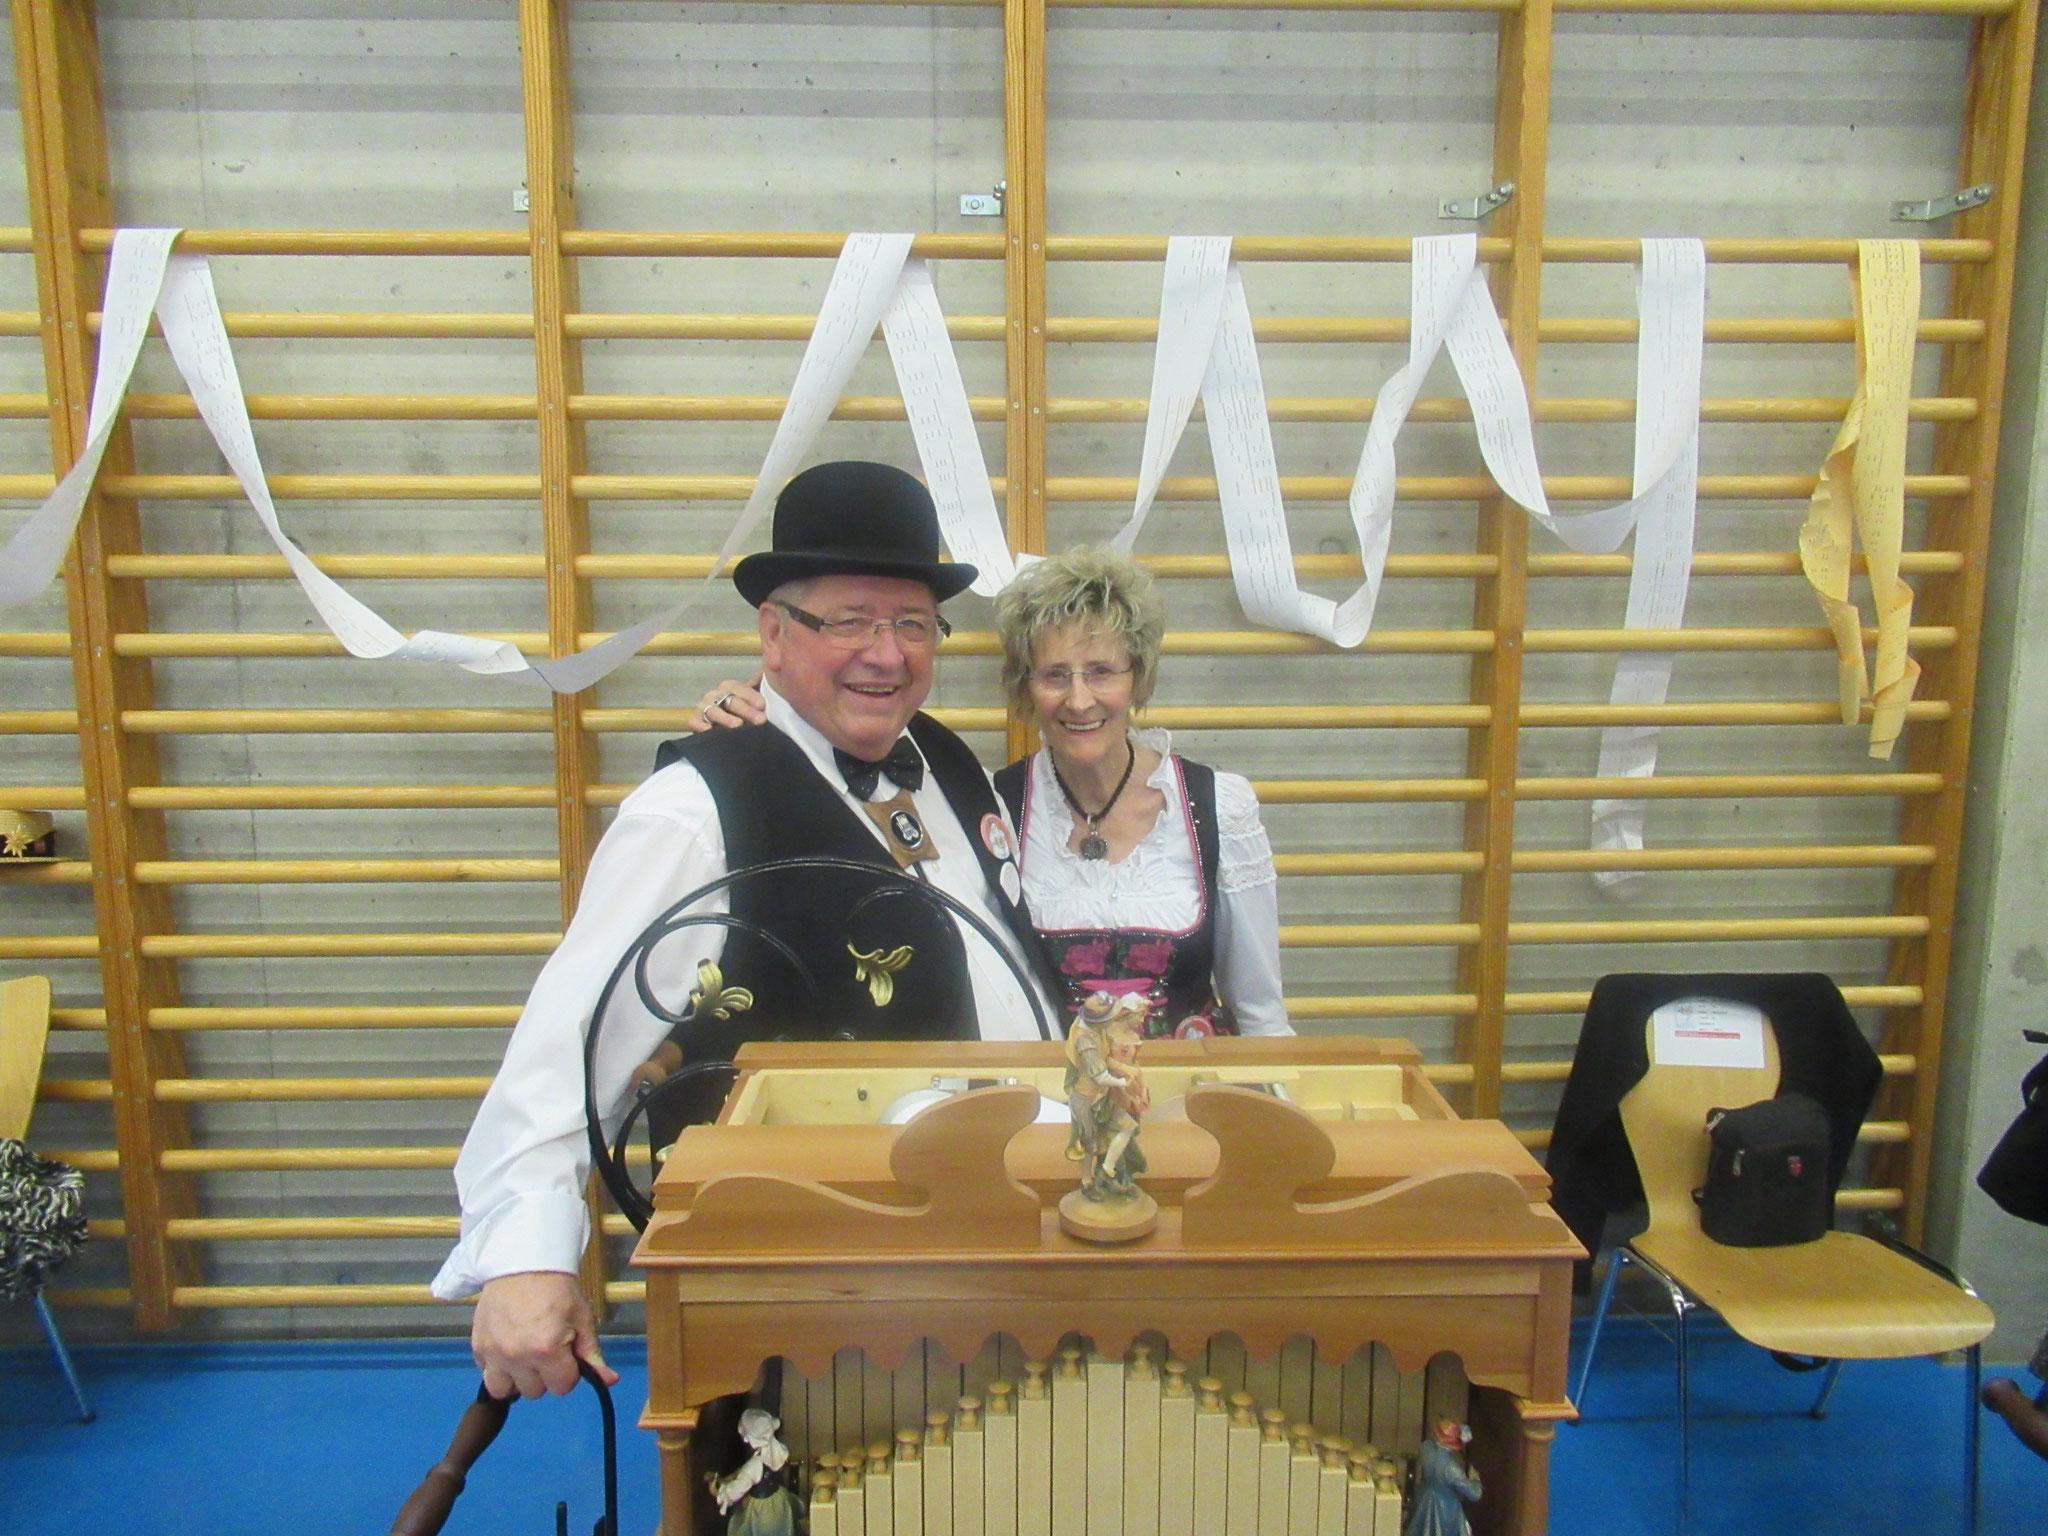 Godi und Helen Suter aus Solothurn